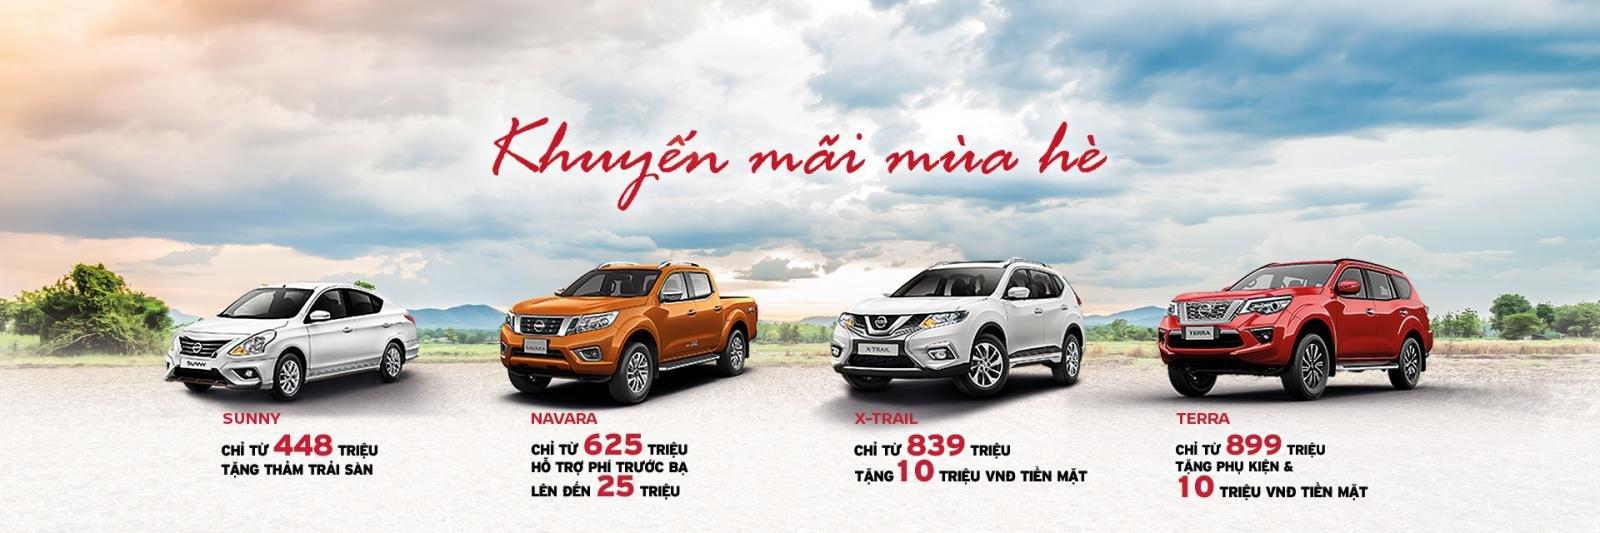 Các hãng ô tô dồn dập tung khuyến mại trong tháng 5/2019, trừ xe Hyundai a2